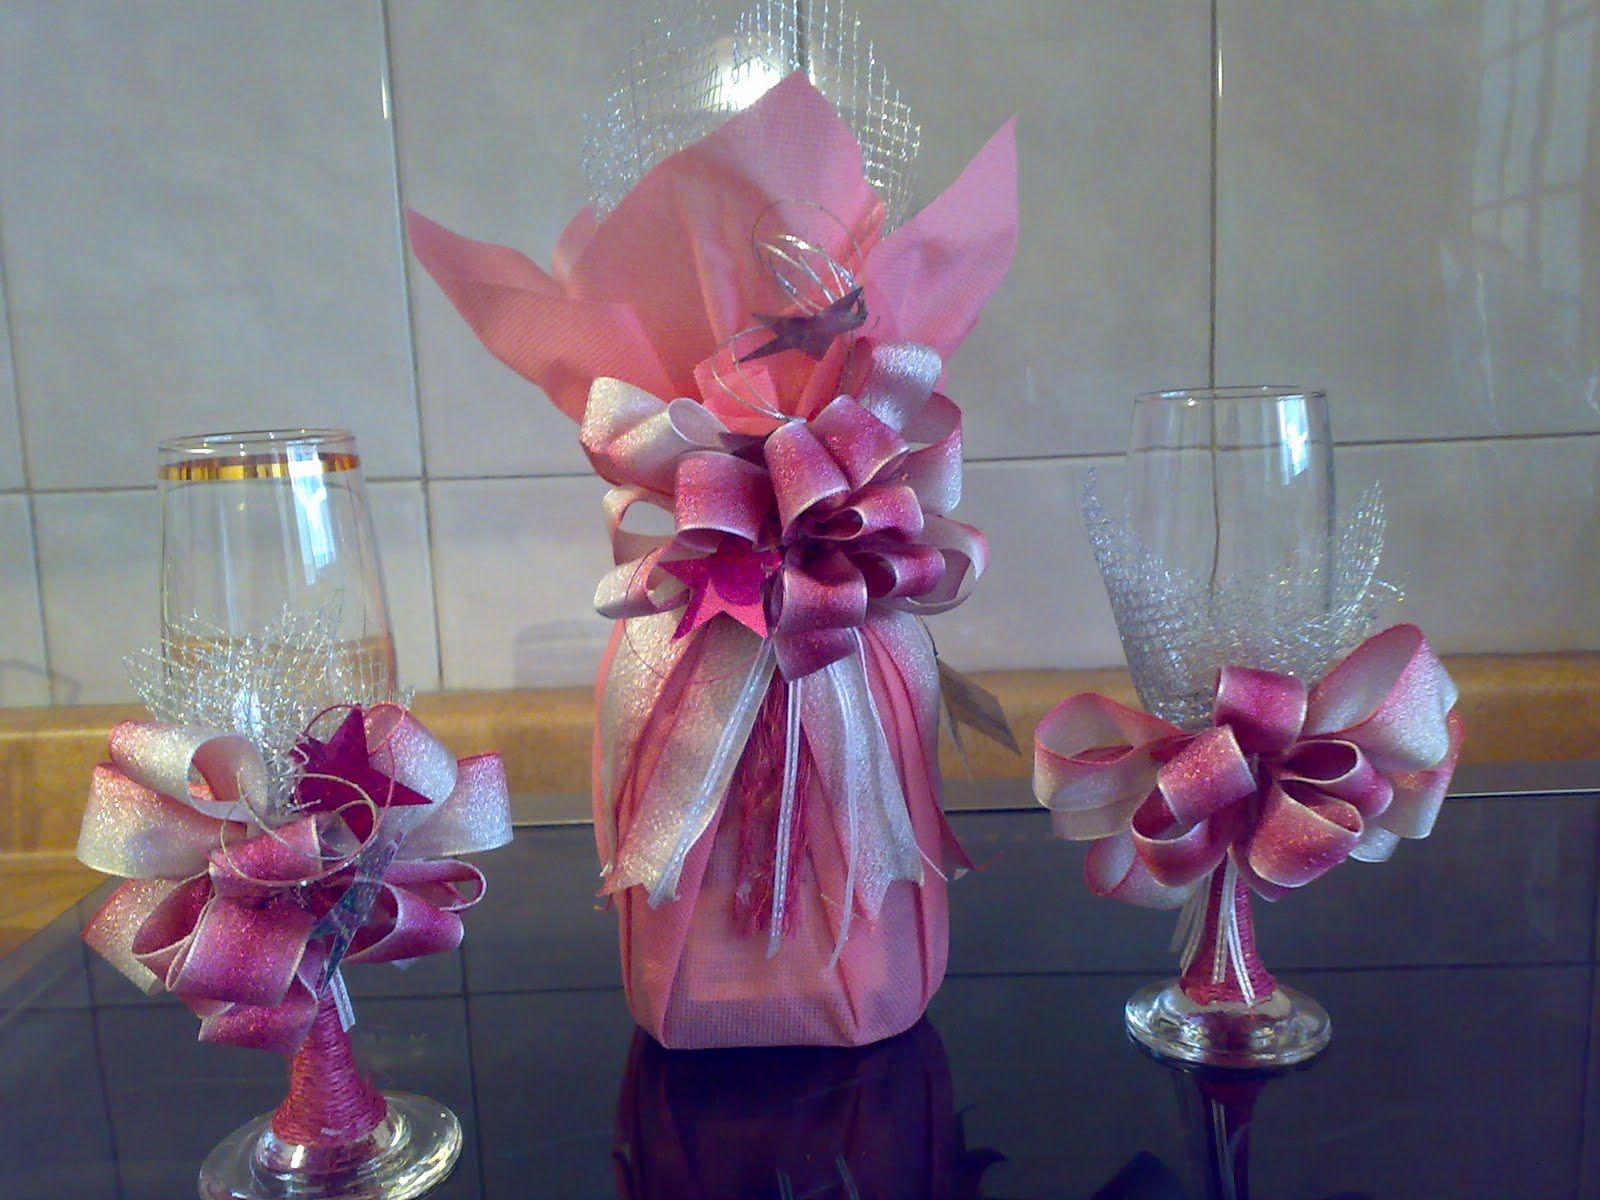 Imagenes de botellas decoradas para boda - Imagui